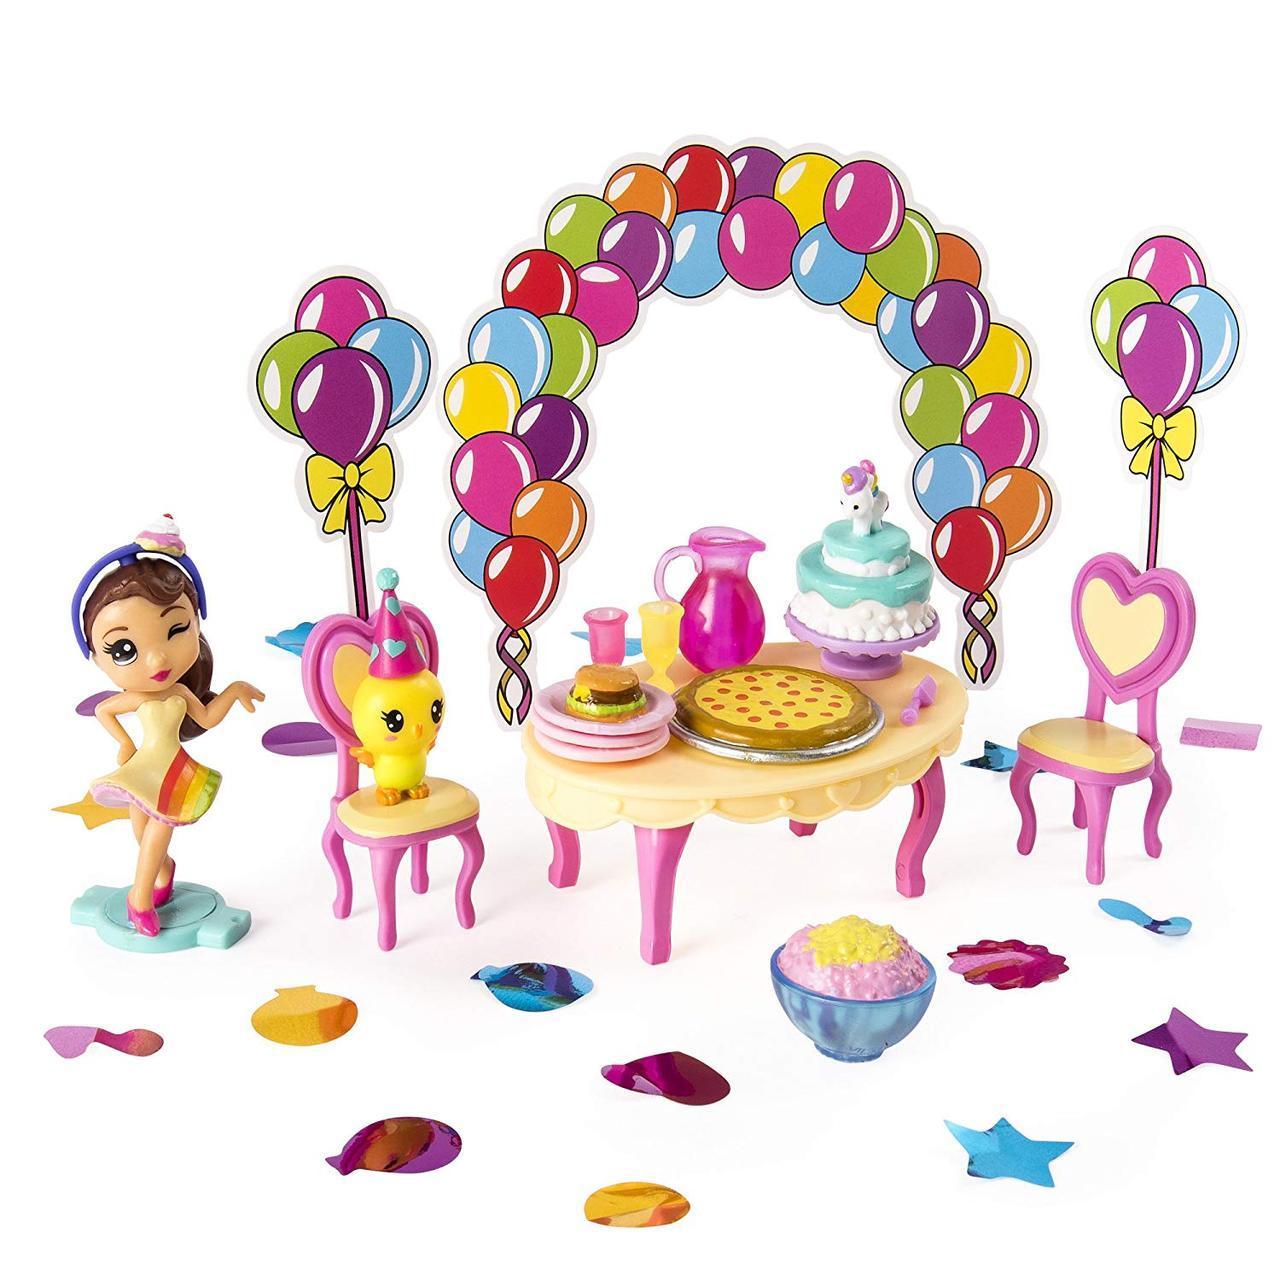 Игровой набор Party Popteenies подарок-сюрприз с куклой хлопушкой Ава, Spin Master из США